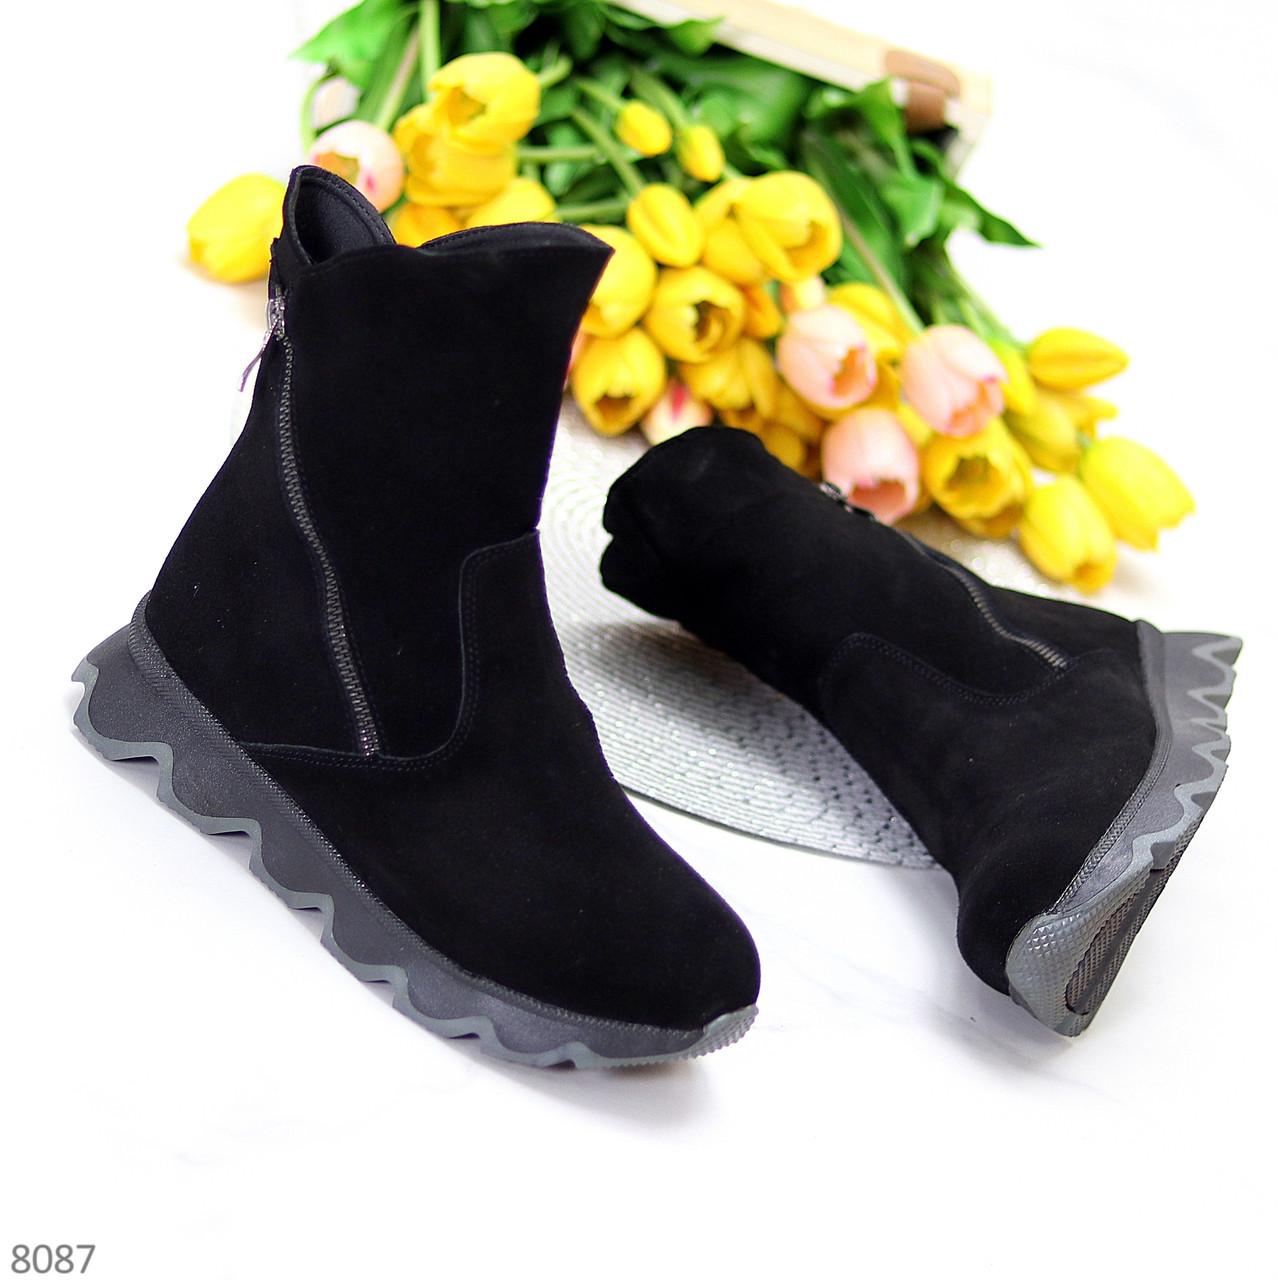 Натуральная замша модельные черные замшевые женские высокие зимние ботинки